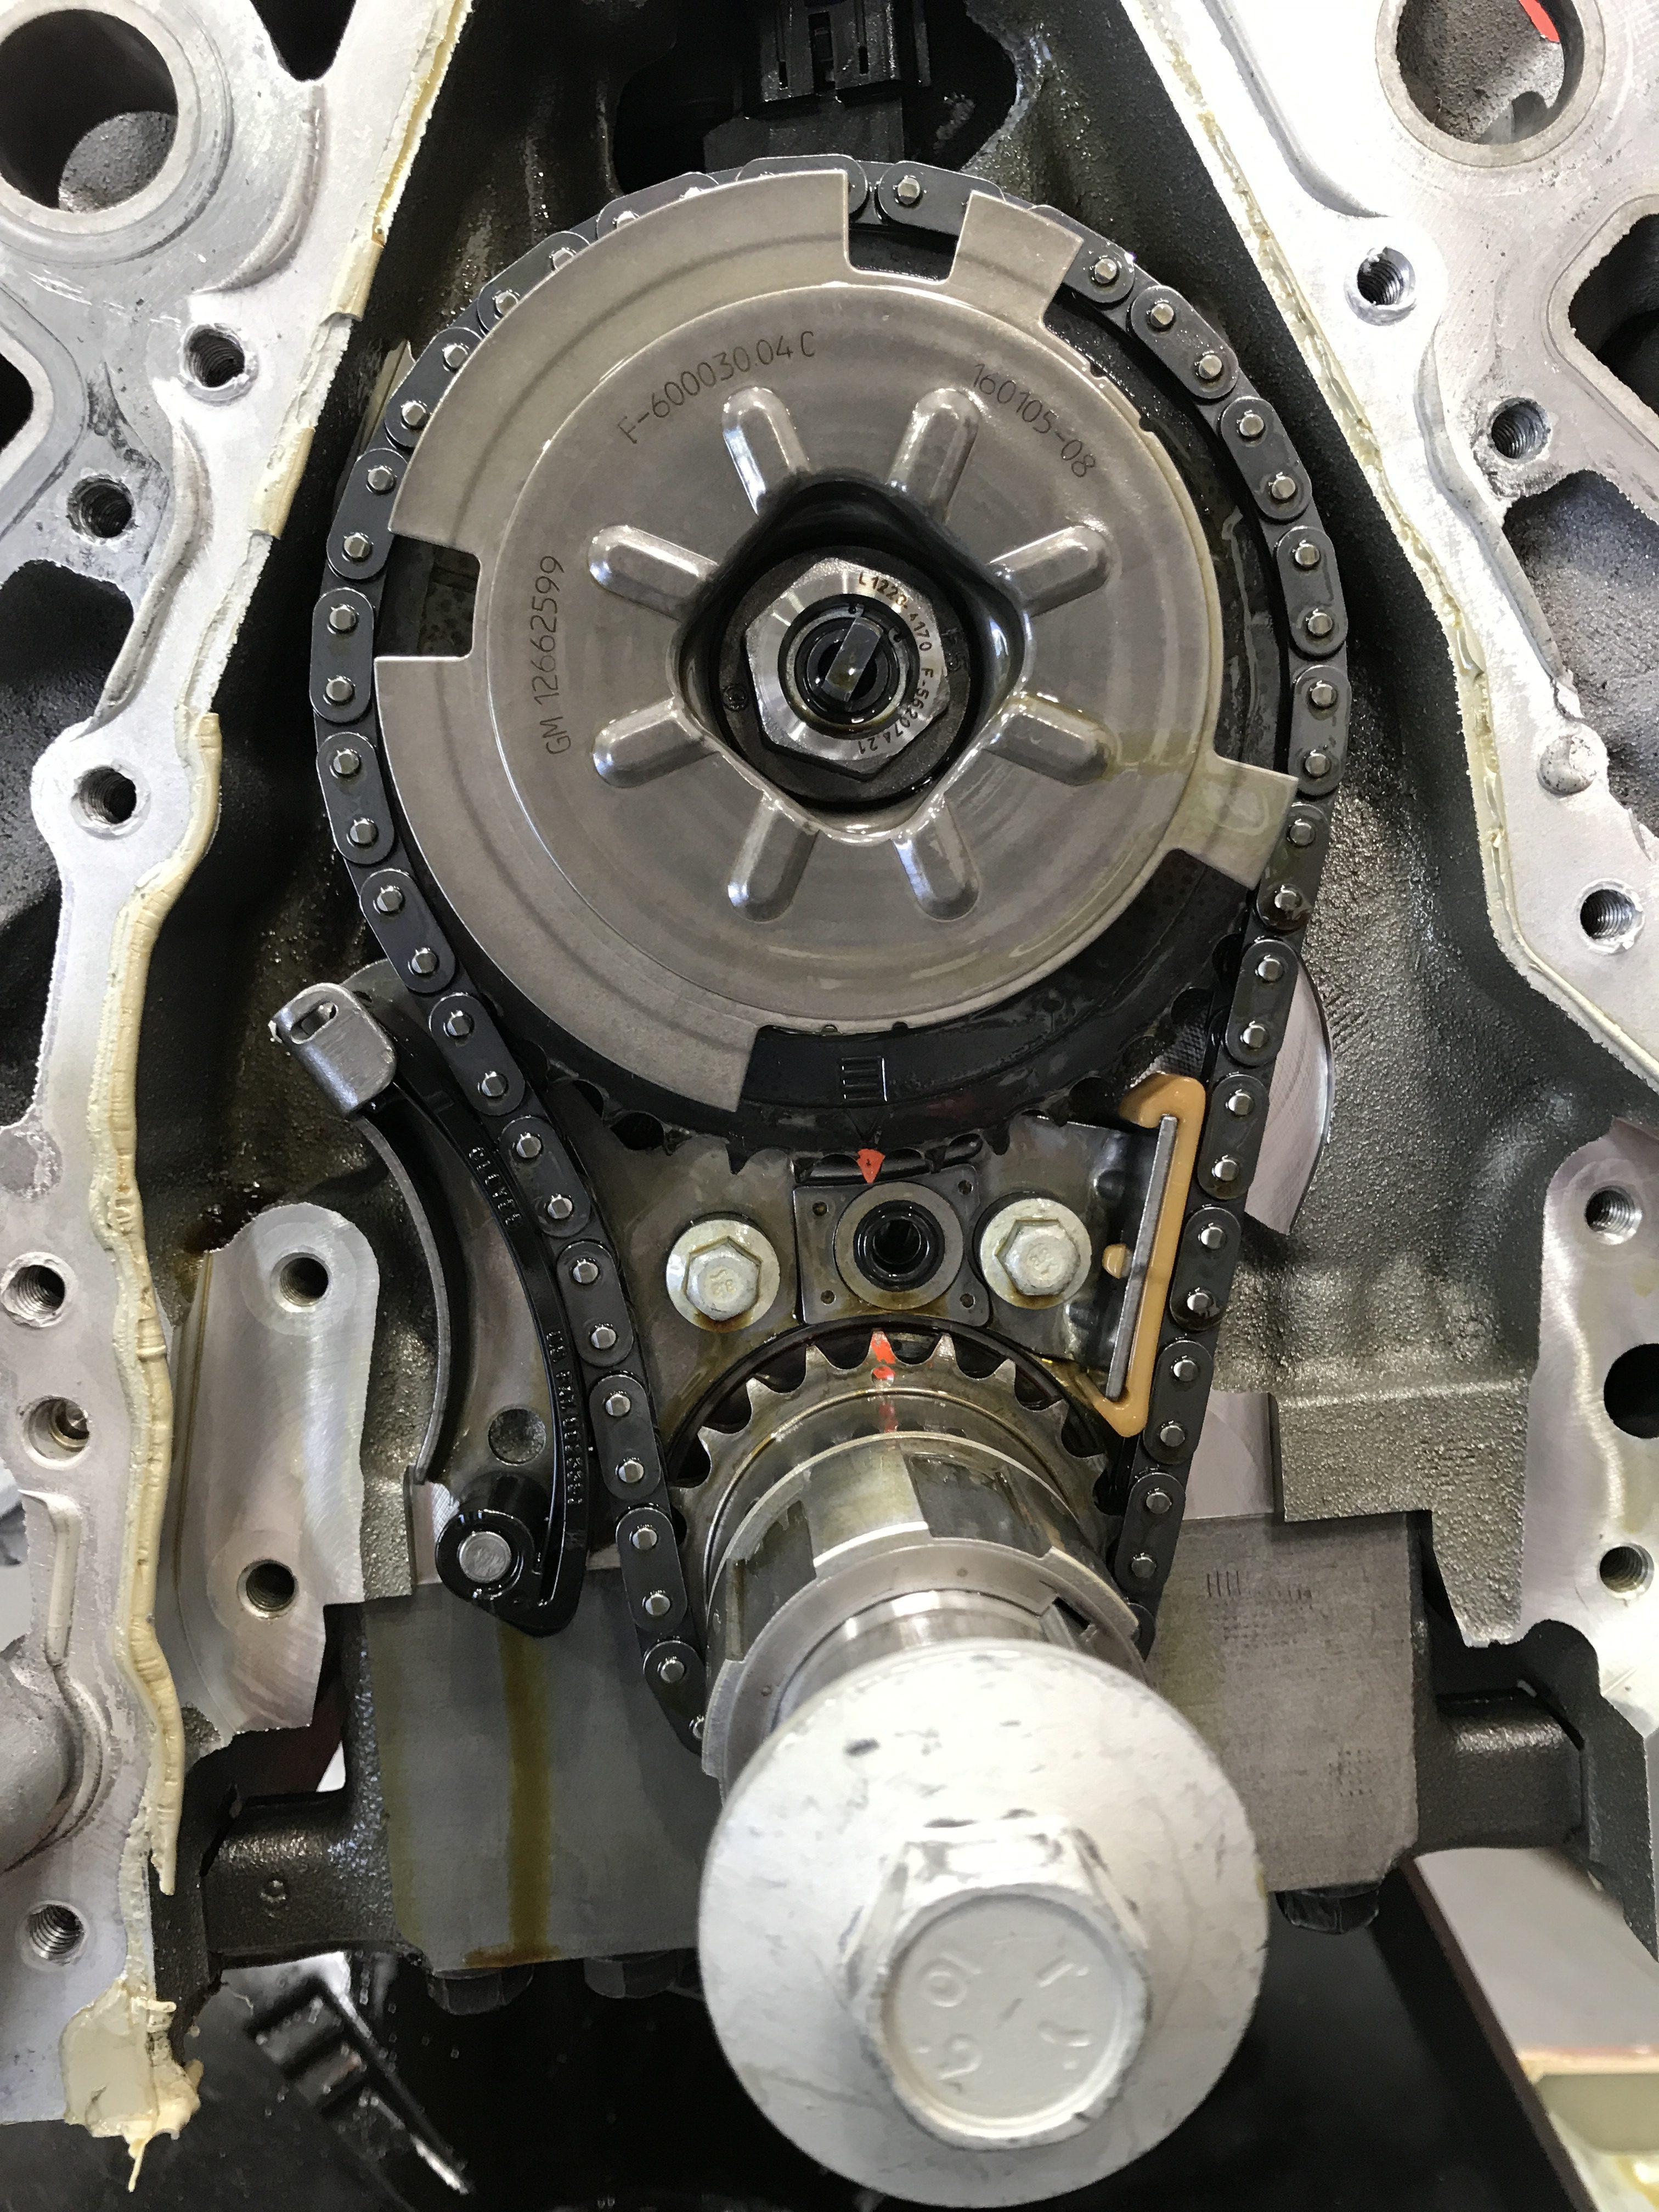 C7 Corvette Camshaft Phaser Installation - thelsxdr.com